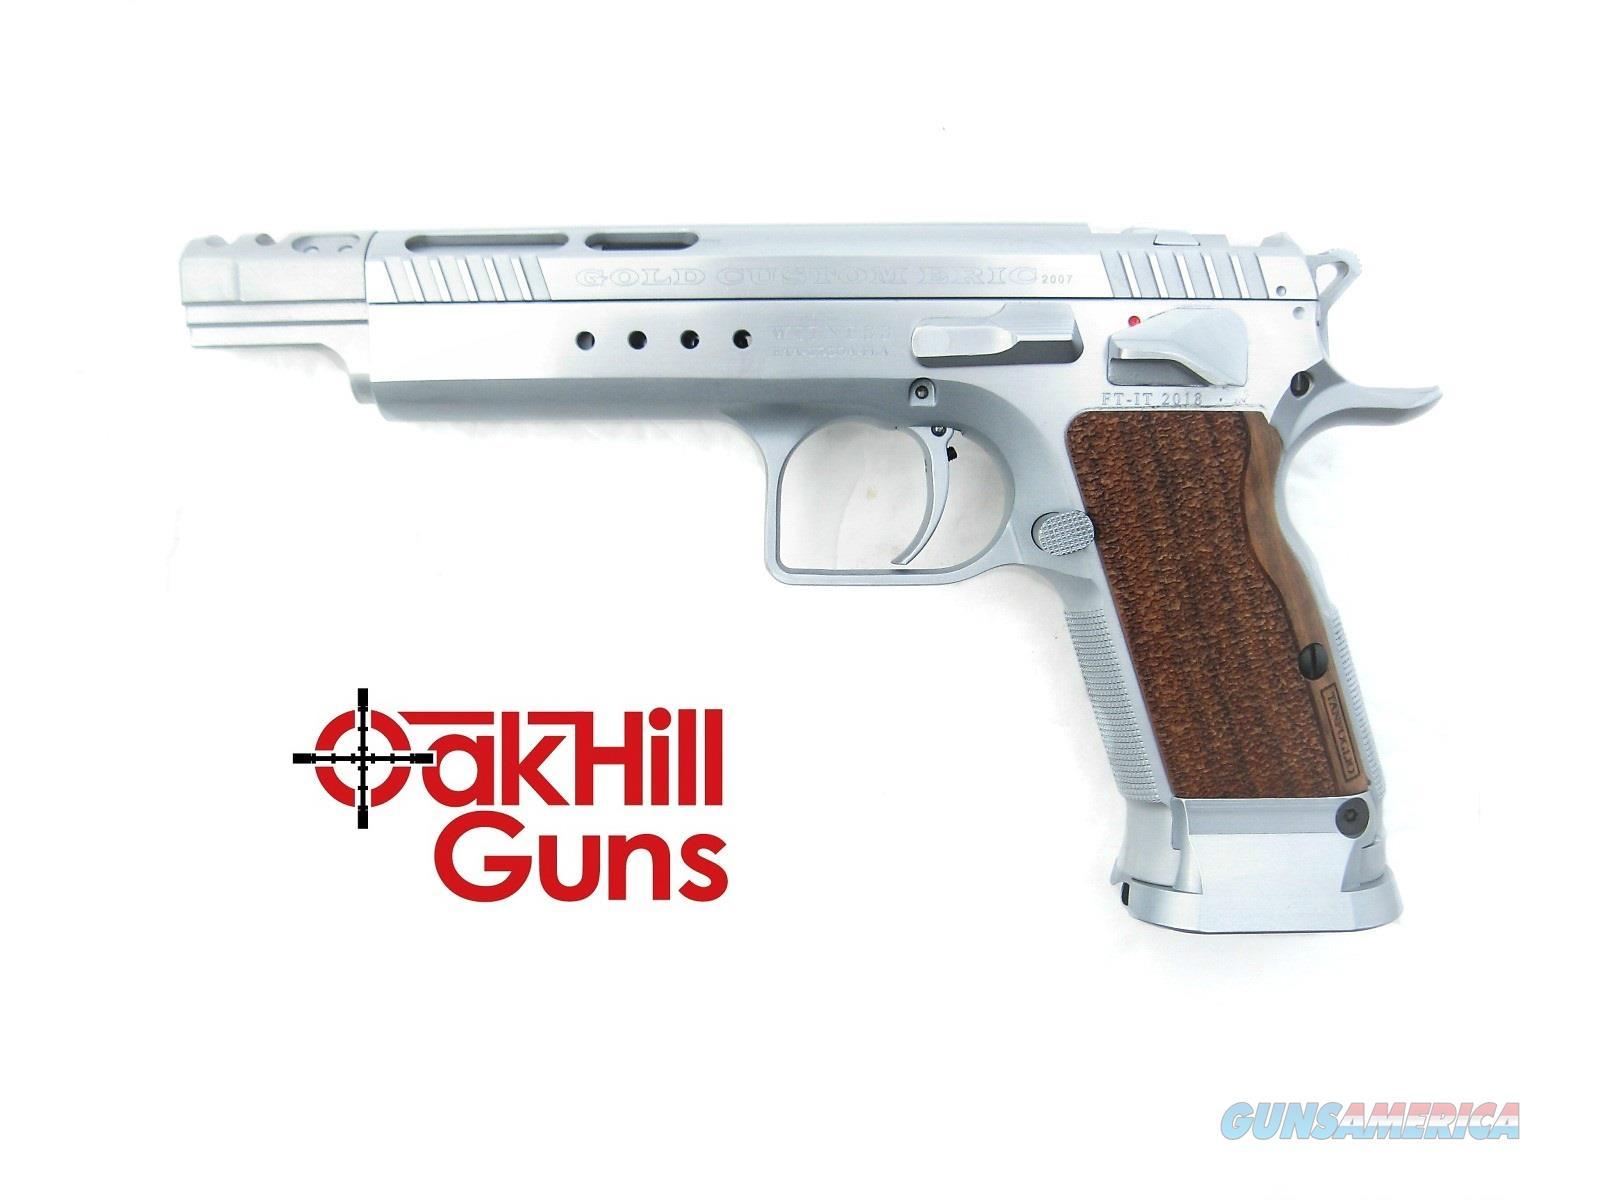 EAA Witness Elite Gold Team Match 9mm Open Tanfoglio *NIB* 600066  Guns > Pistols > EAA Pistols > Other